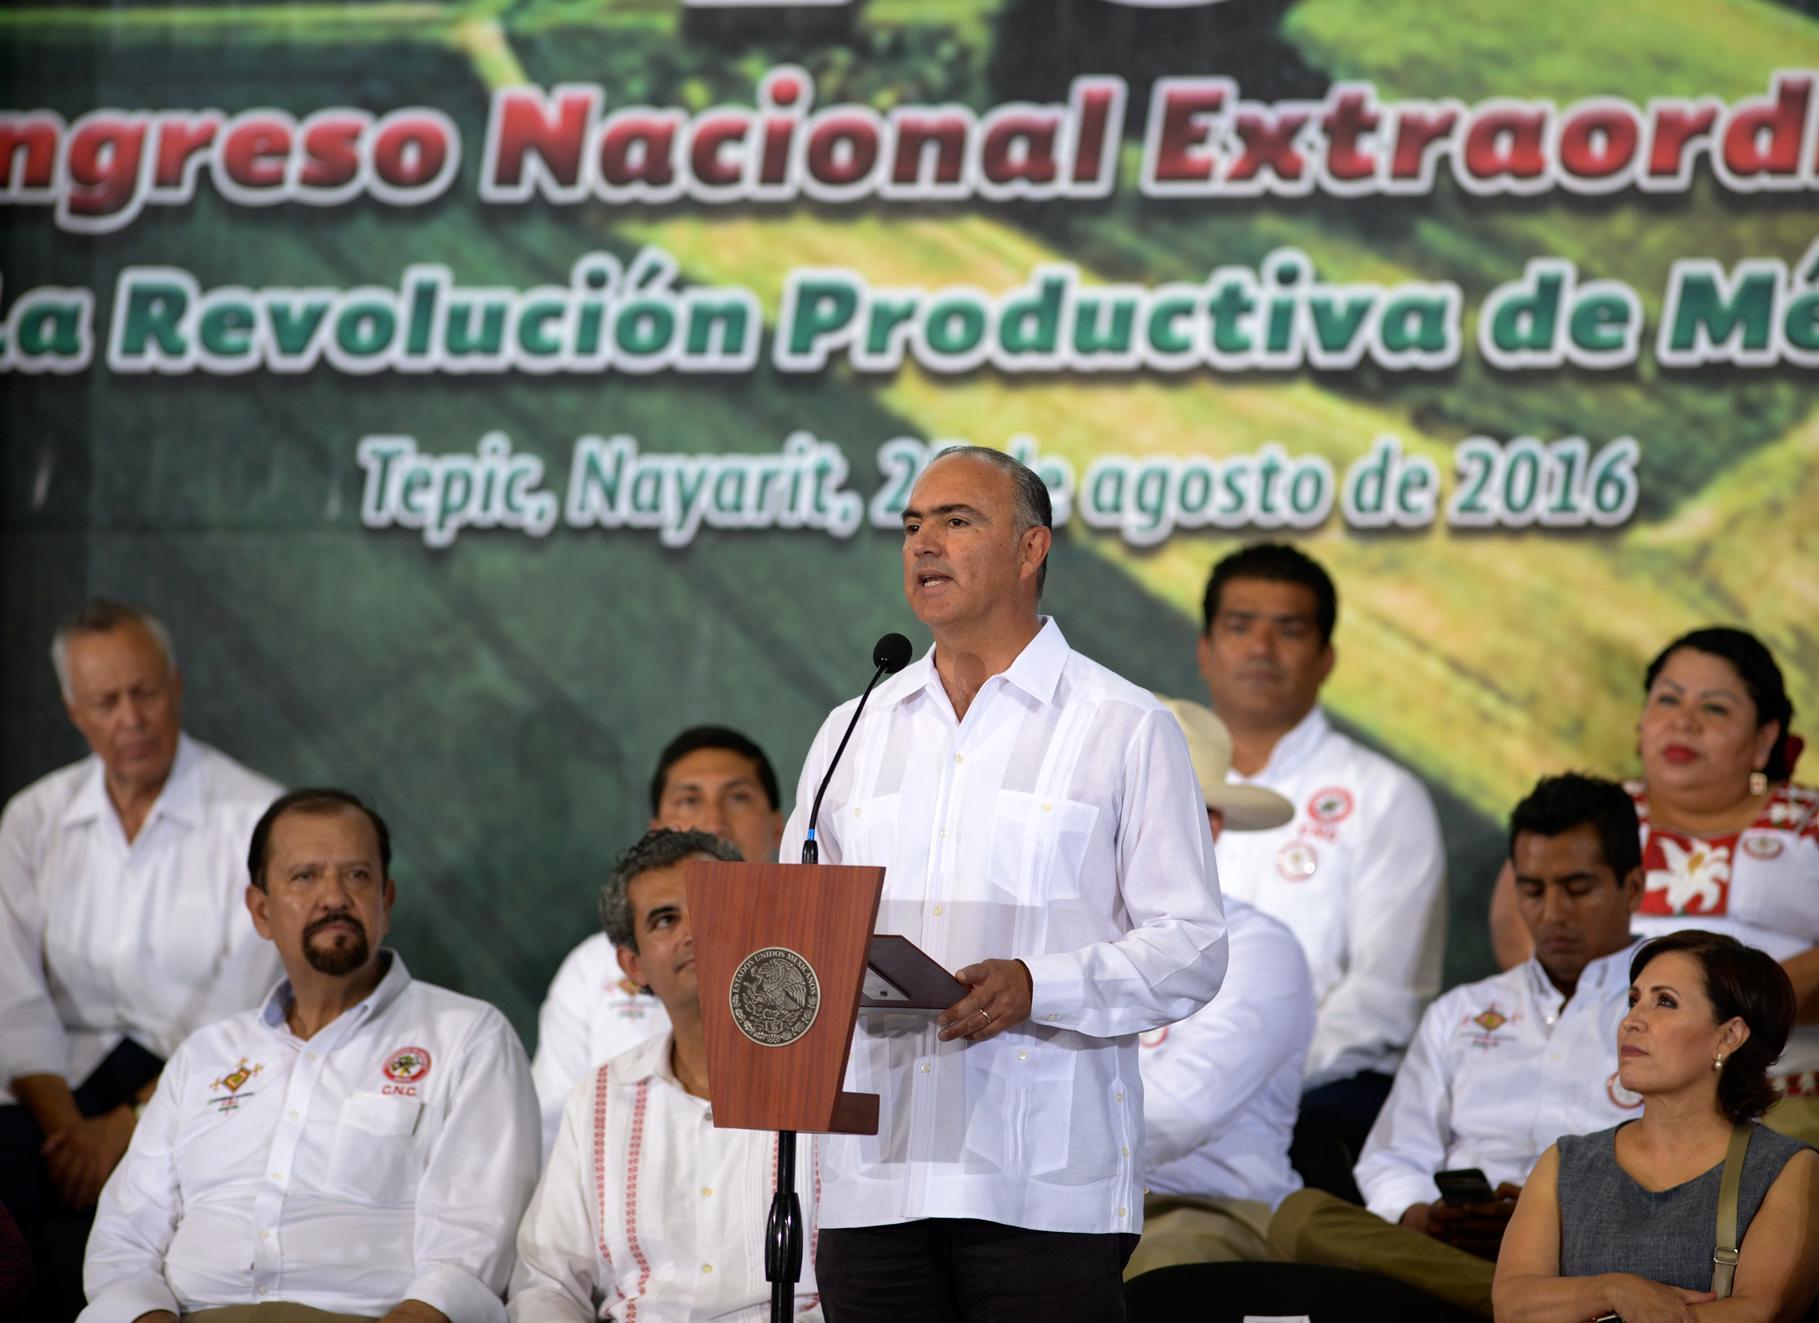 Maestro José Eduardo Calzada Rovirosa, Secretario de Agricultura, Ganadería, Desarrollo Rural, Pesca y Alimentación, y Responsable de la Región 5 del Programa de Atención a Entidades Federativas.